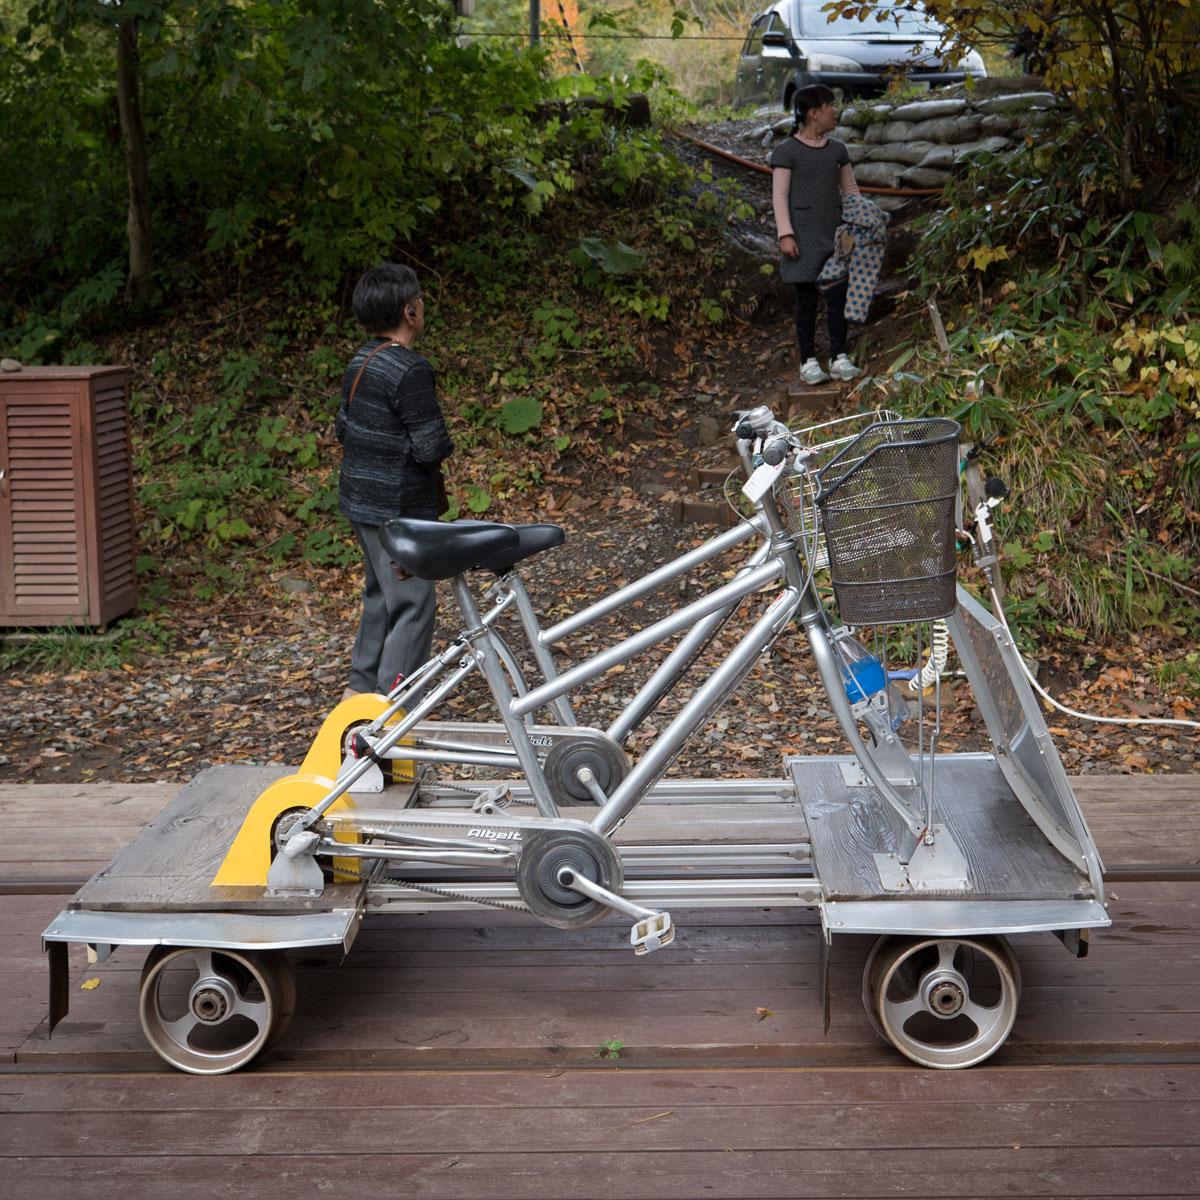 小坂鉄道レールパークのレールバイク 撮影:DMC-GX8 + LEICA DG 12-60mm